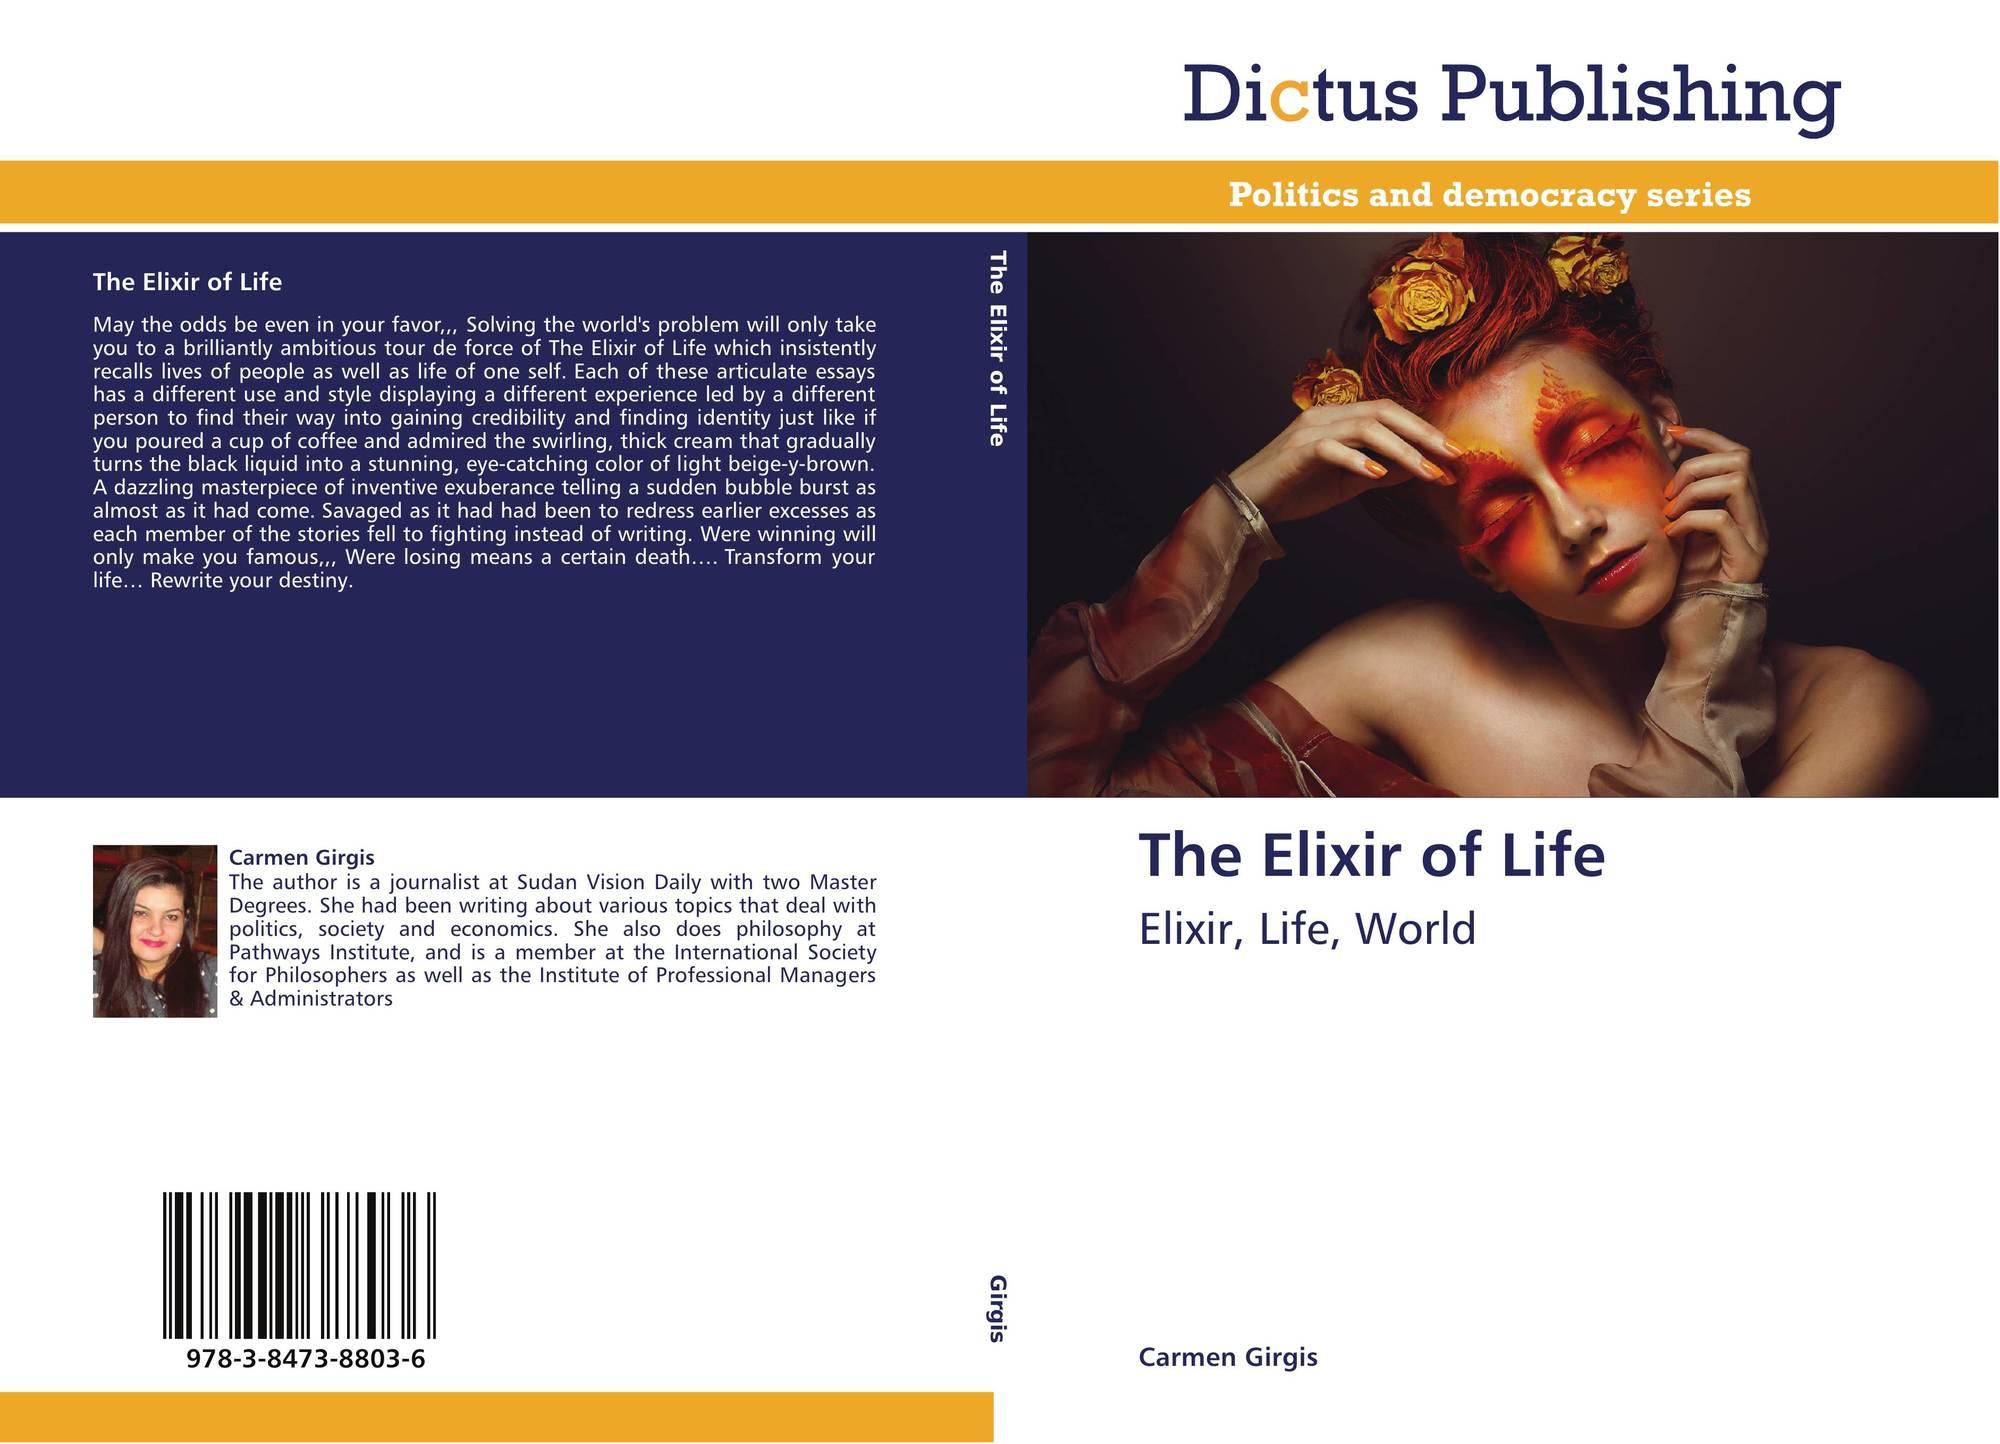 bones the elixir of life essay